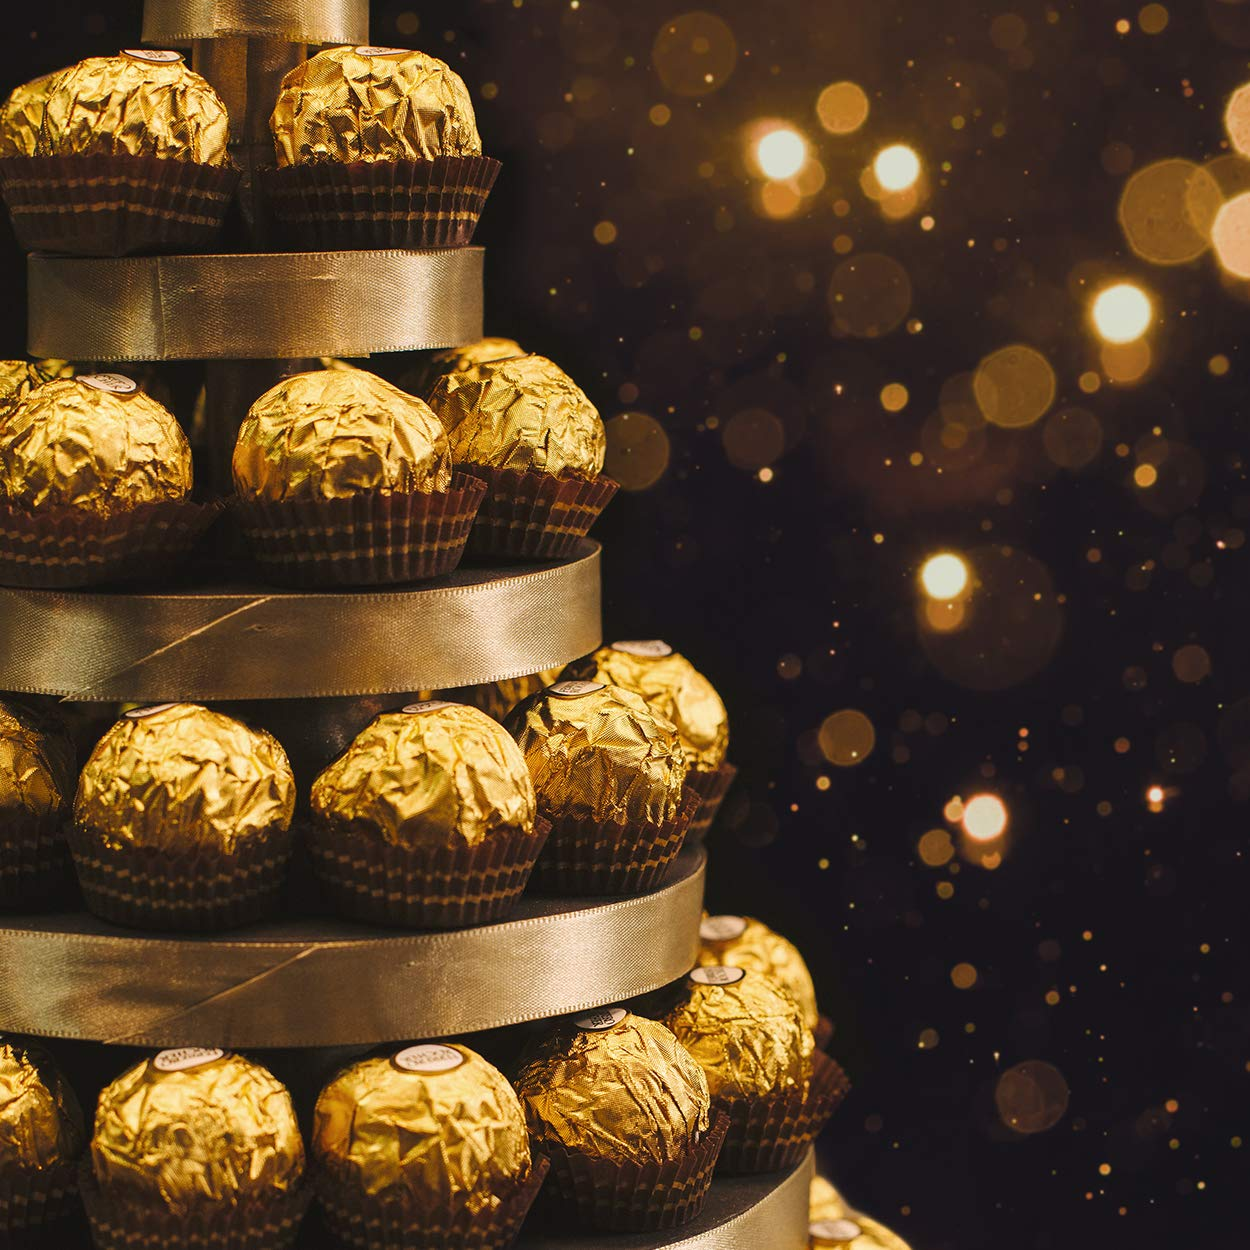 Ferrero Rocher Fine Hazelnut Chocolates, 21.1 Oz, 48 Count by Ferrero Rocher (Image #6)